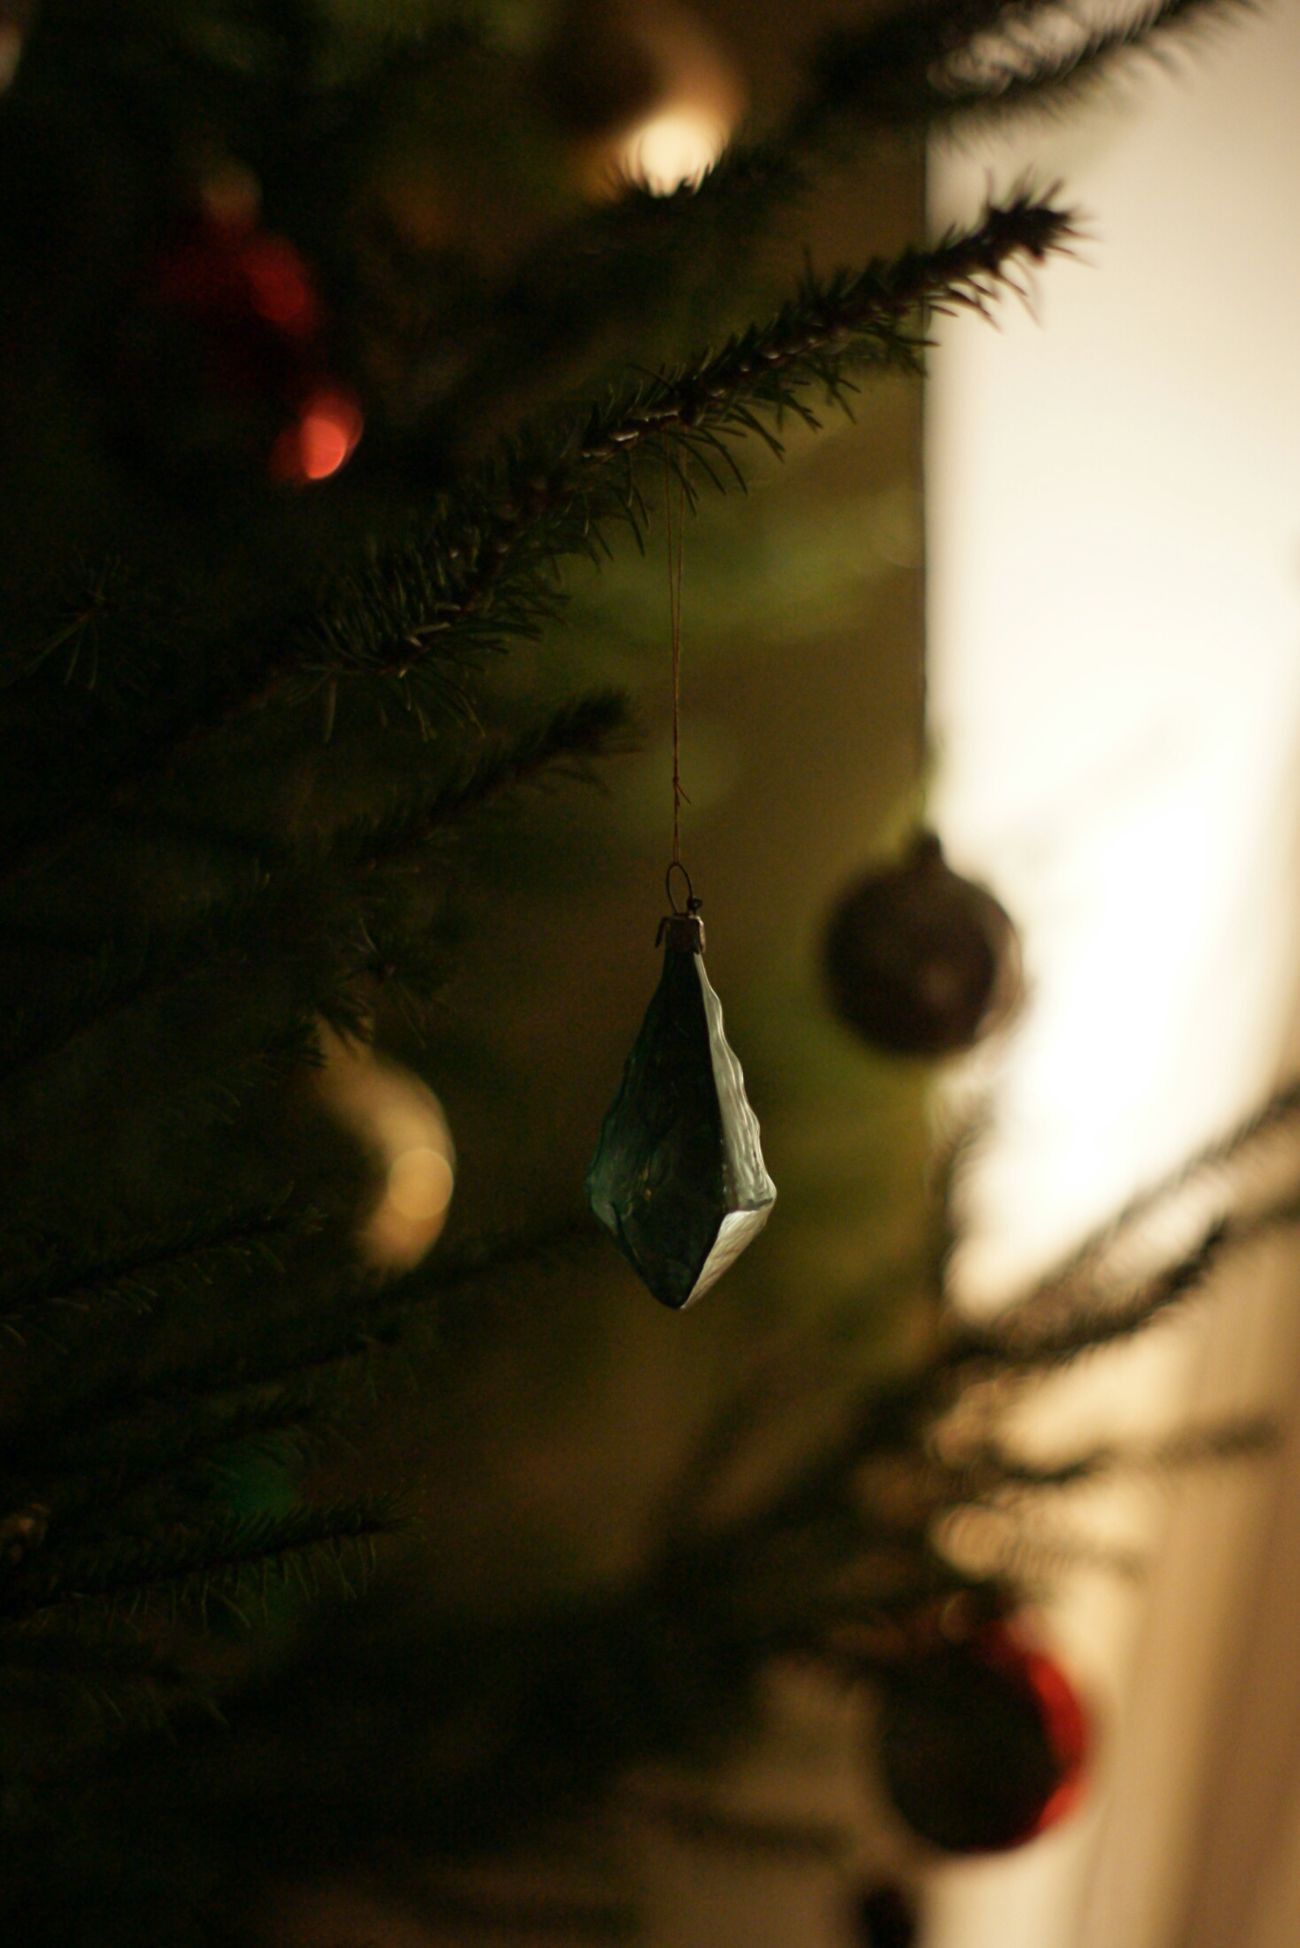 Christmas Tree Old Christmas Ornaments